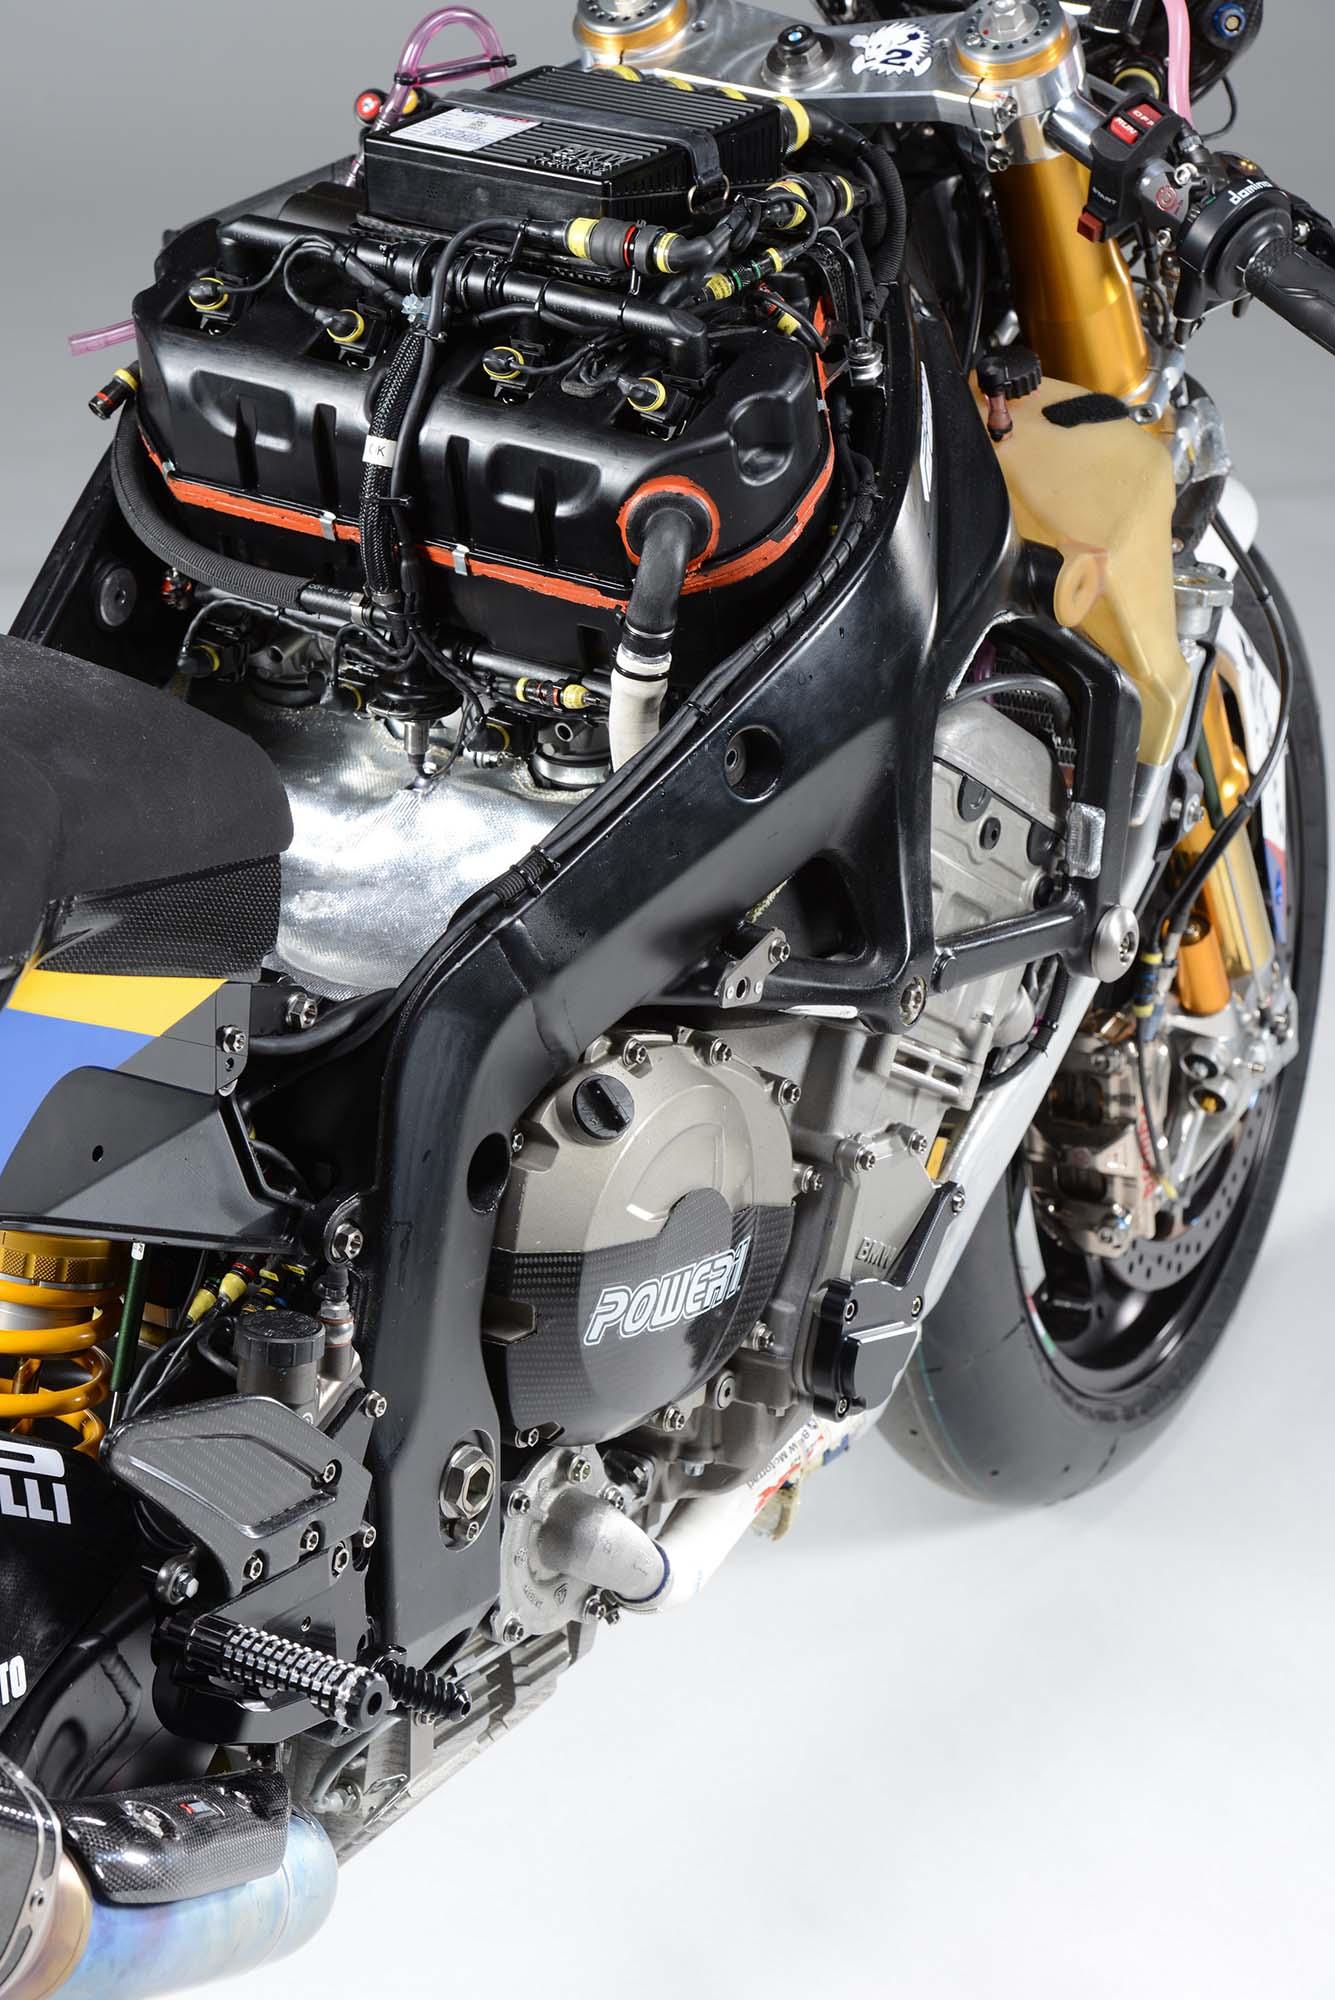 XXX: BMW Motorrad GoldBet WSBK-Spec S1000RR - Asphalt & Rubber